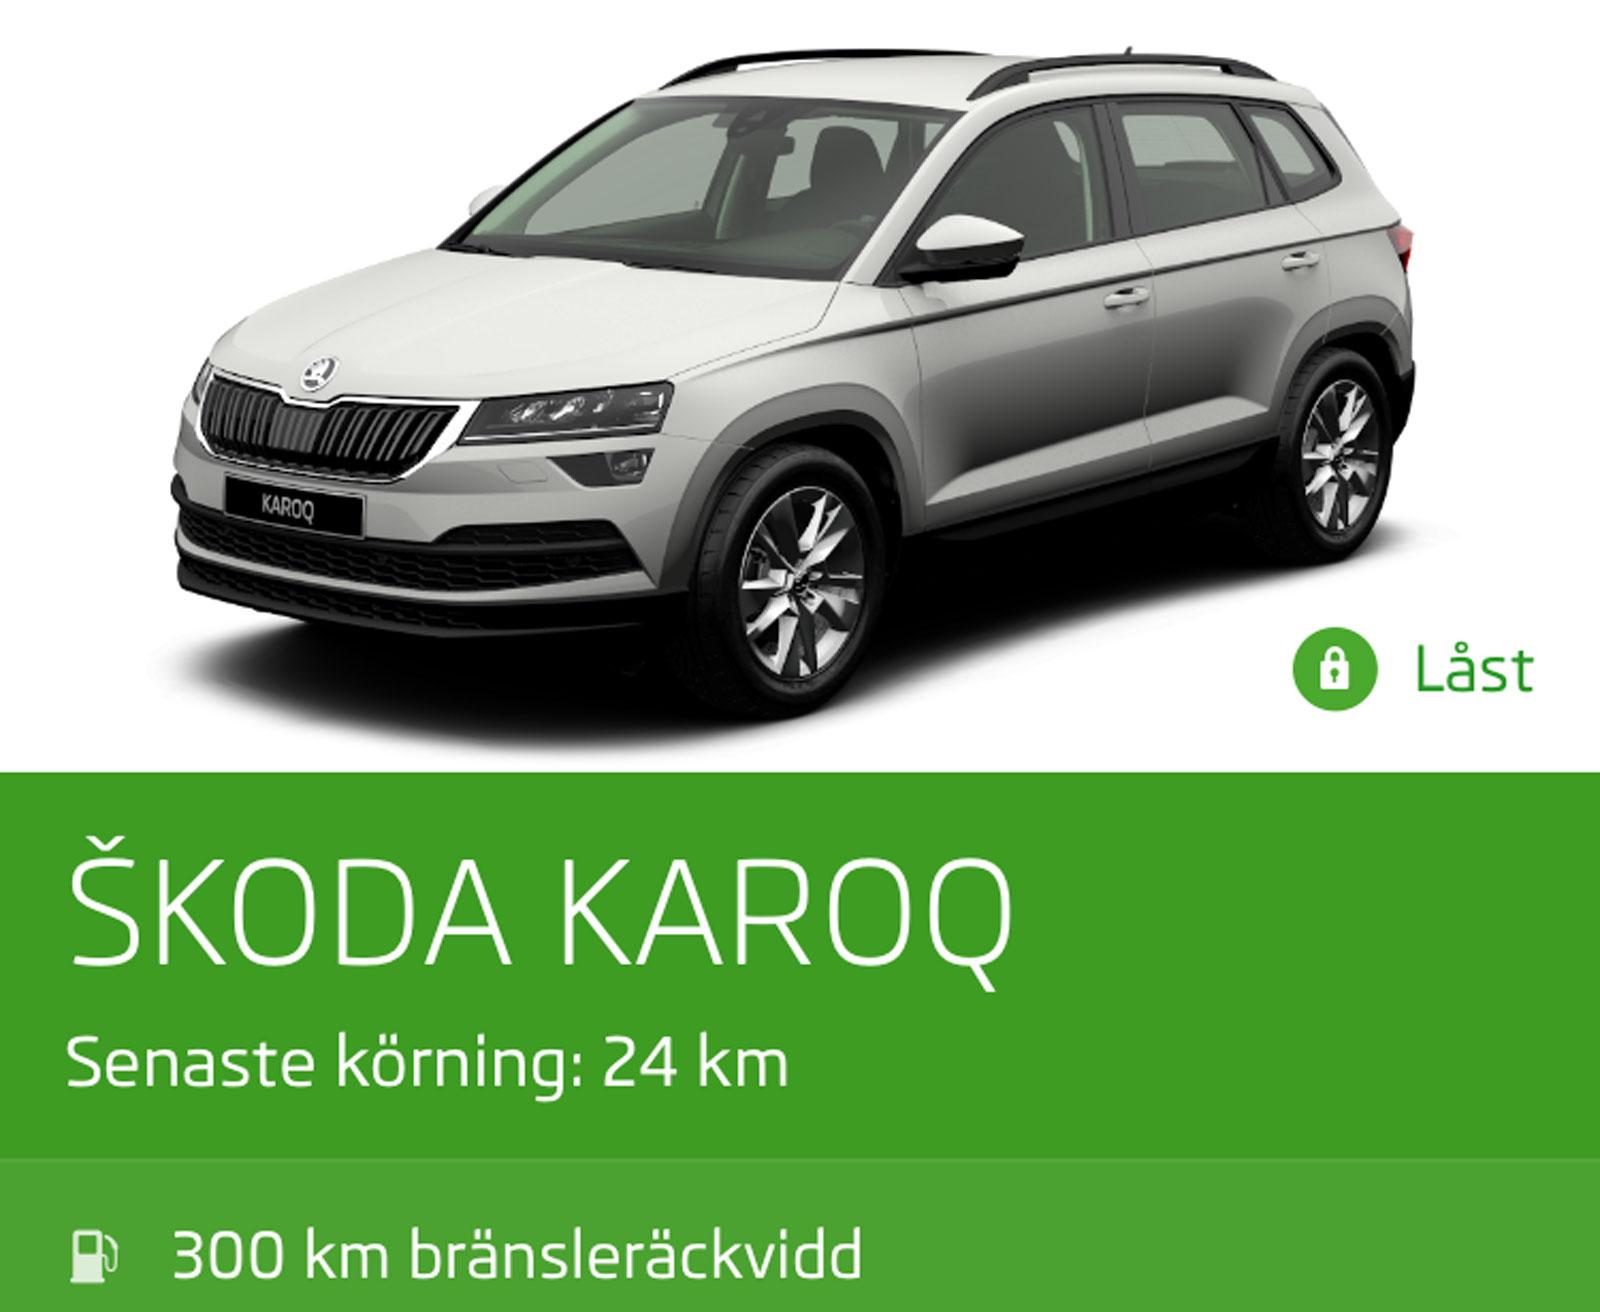 Skoda har nu en egen app där man kan hålla koll på bilens status. Men funktionen Care Connect kostar extra redan från år två.